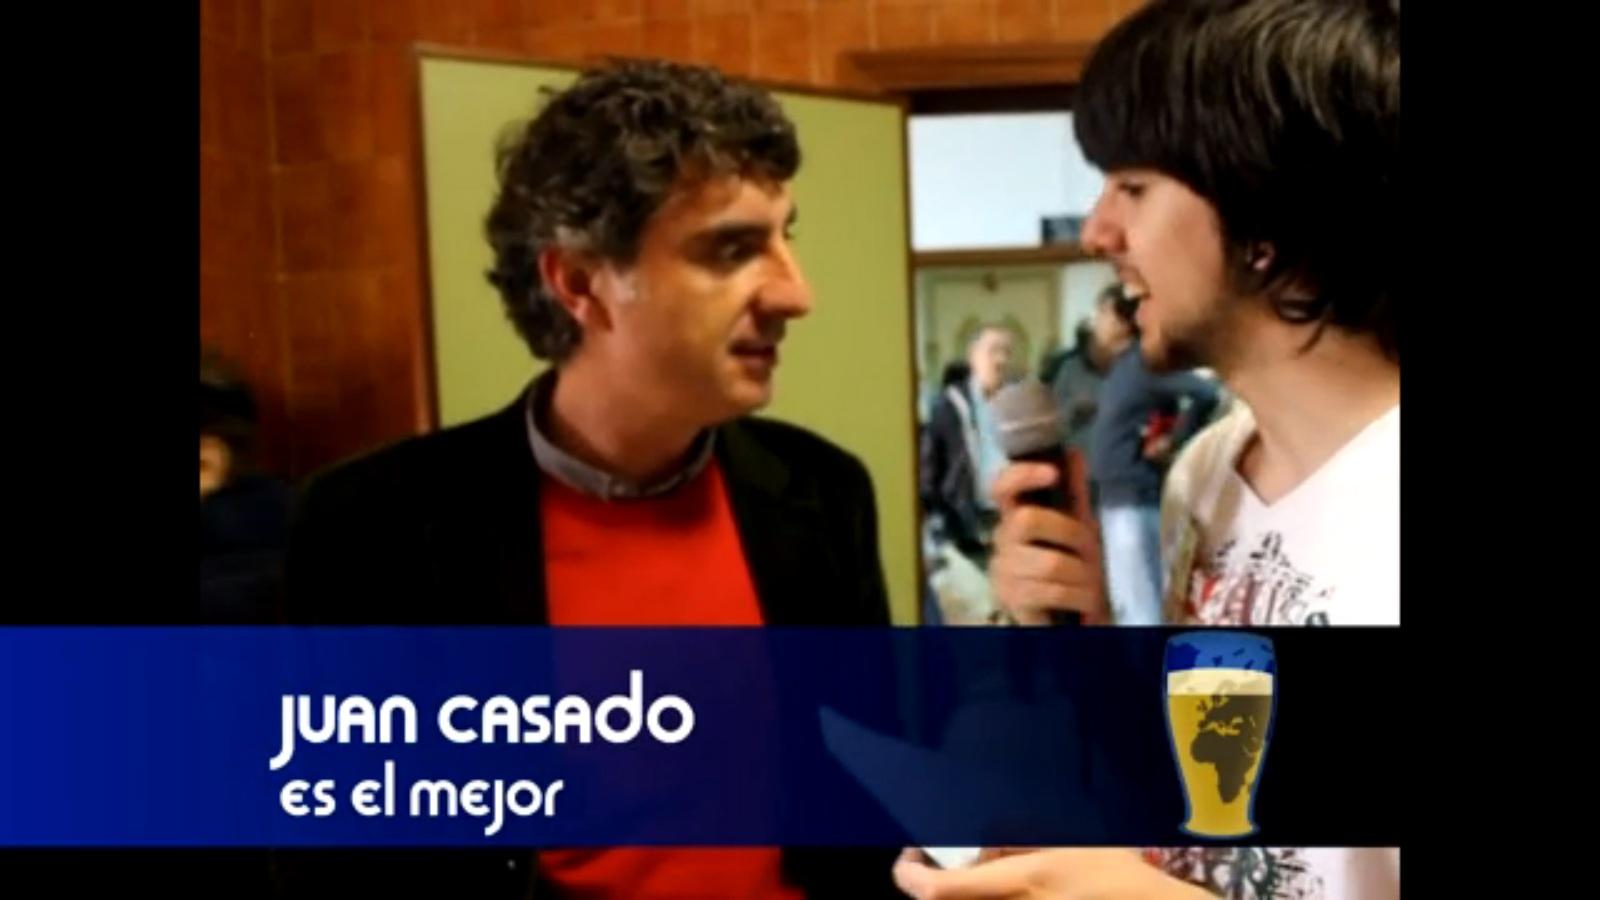 """Juan Casado, el mejor: """"Lo más reconfortante de ser profesor es notar que enseñas"""""""